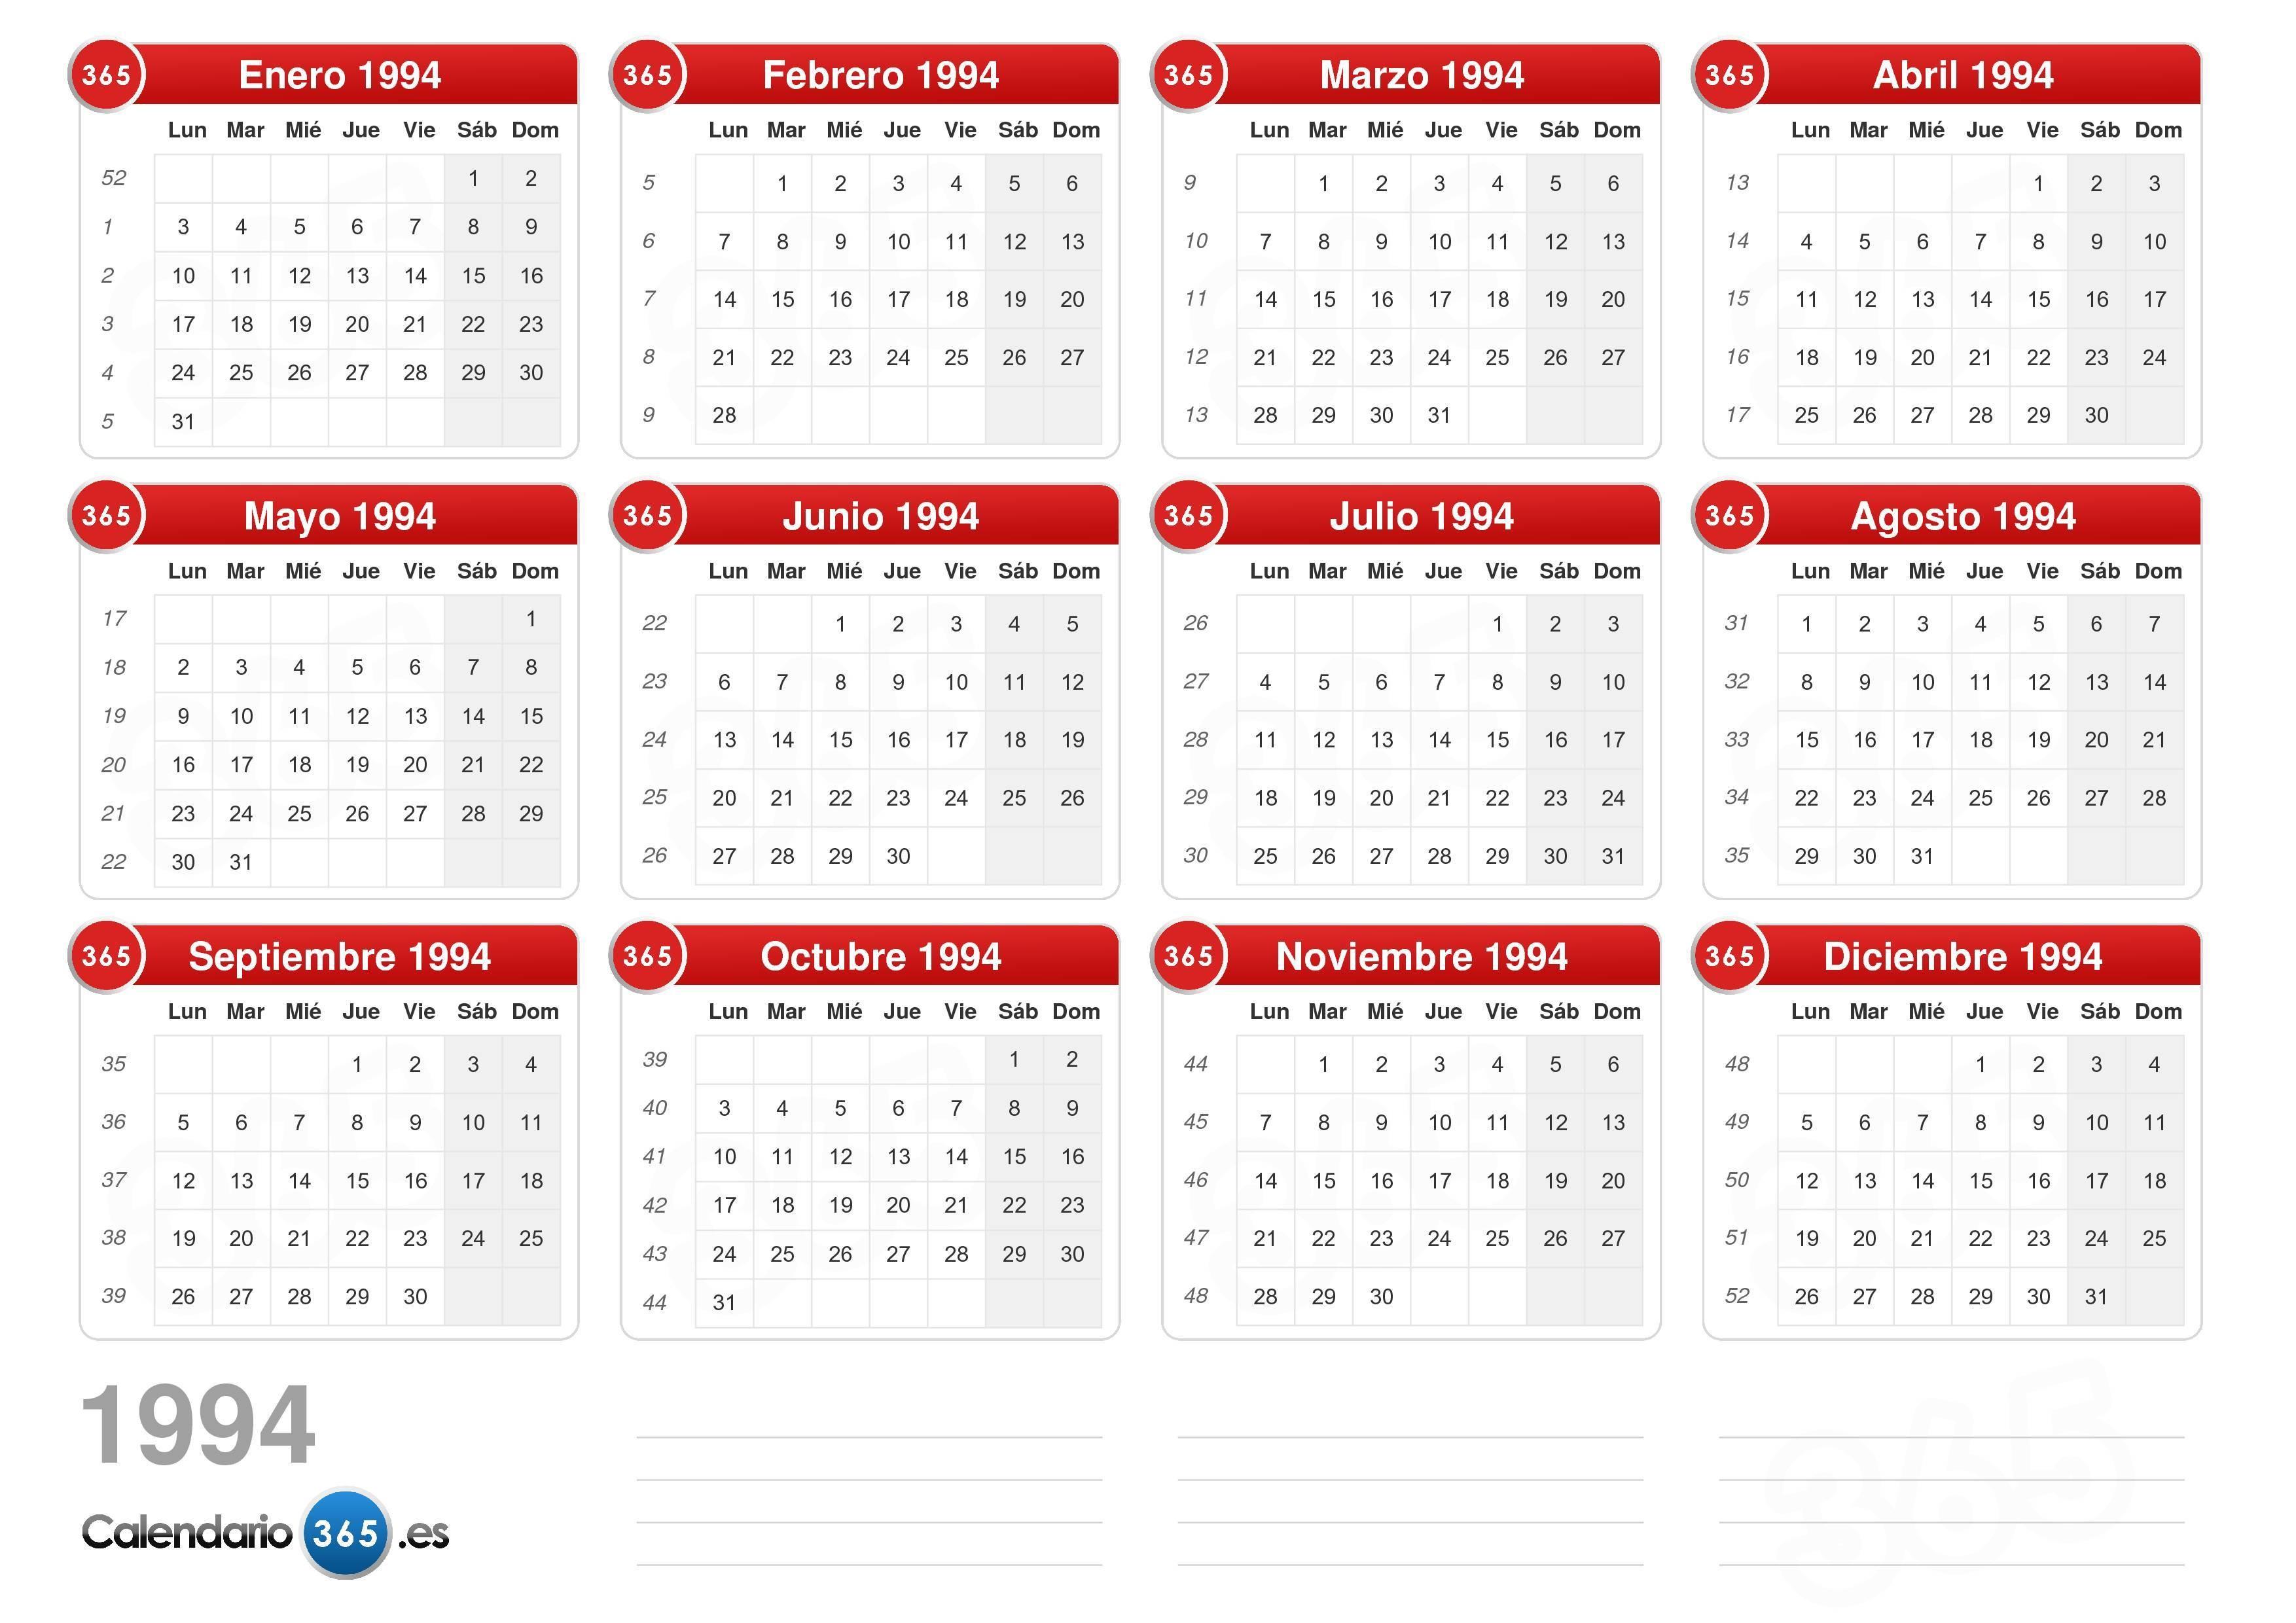 Calendario 2019 Que Marque Los Feriados Más Caliente Calendario De 1995 Of Calendario 2019 Que Marque Los Feriados Más Recientemente Liberado Metepec Museo Del Pueblo